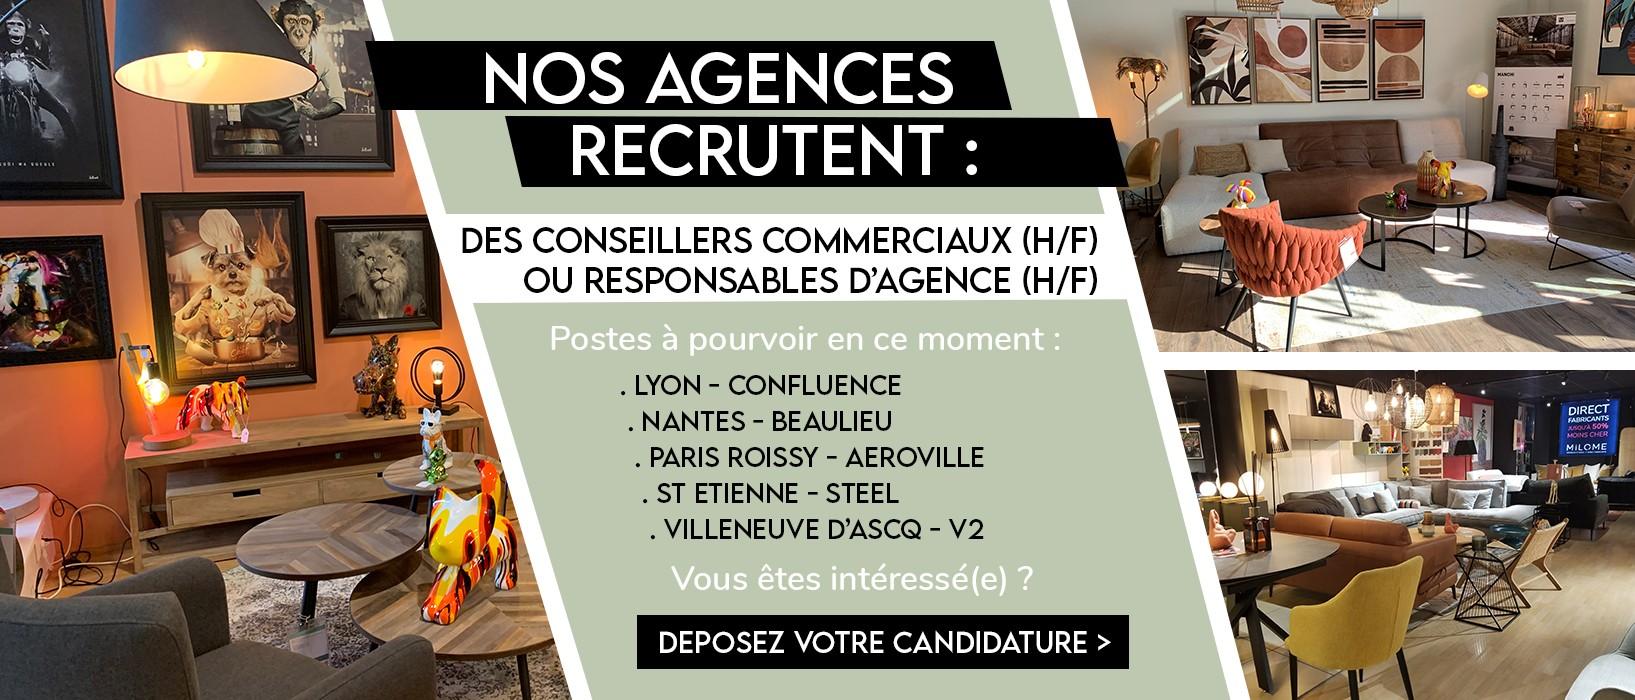 Nos agences MiLOME recrutent !